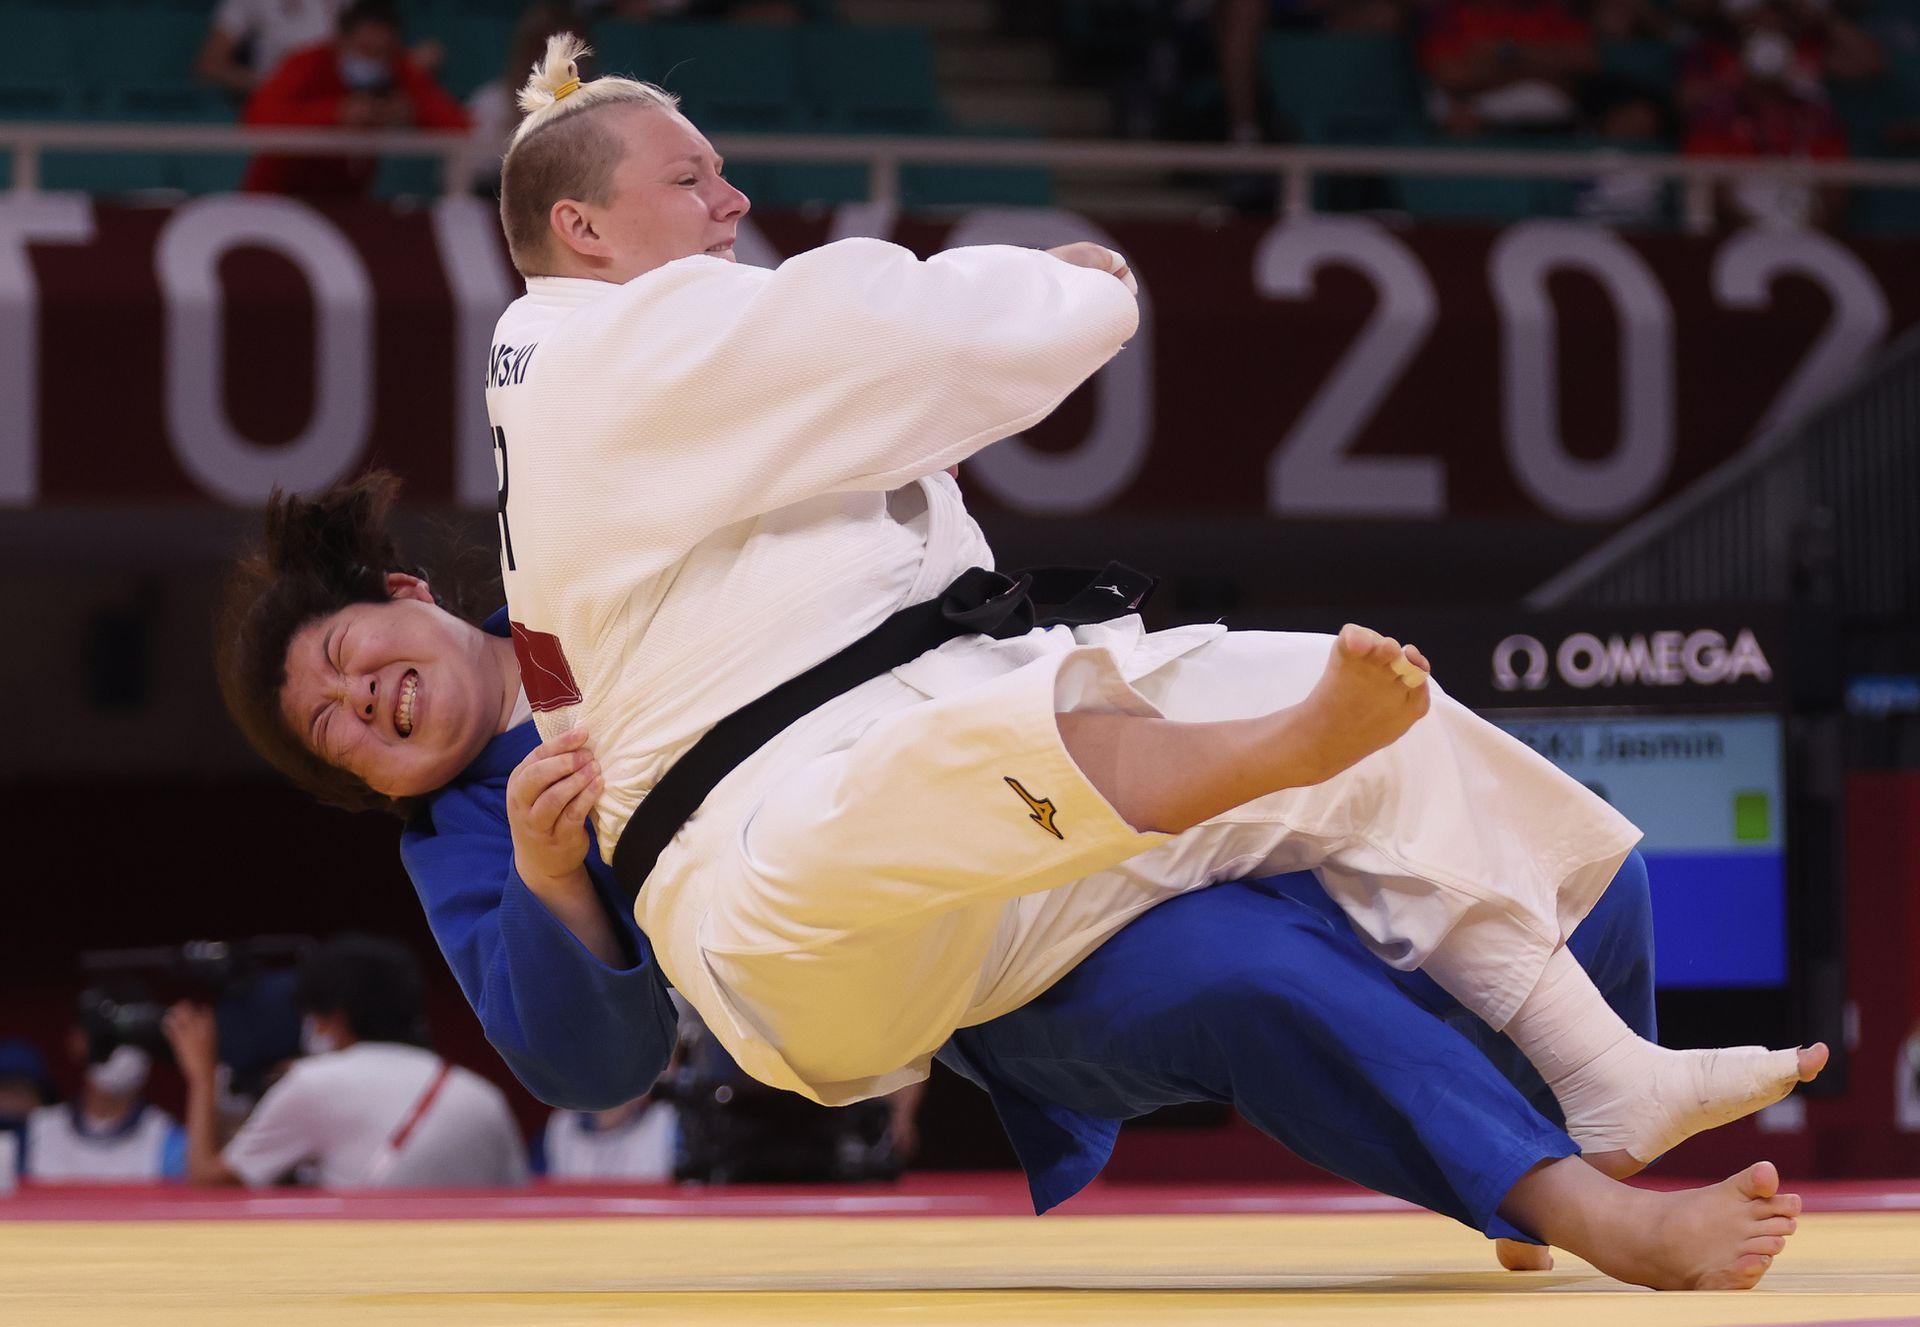 Jasmin Grabowski del equipo de Alemania y Shiyan Xu del equipo de China compiten durante la ronda eliminatoria de judo + 78 kg de mujeres de 32 en el día siete de los Juegos Olímpicos de Tokio 2020 en Nippon Budokan el 30 de julio de 2021 en Tokio, Japón .